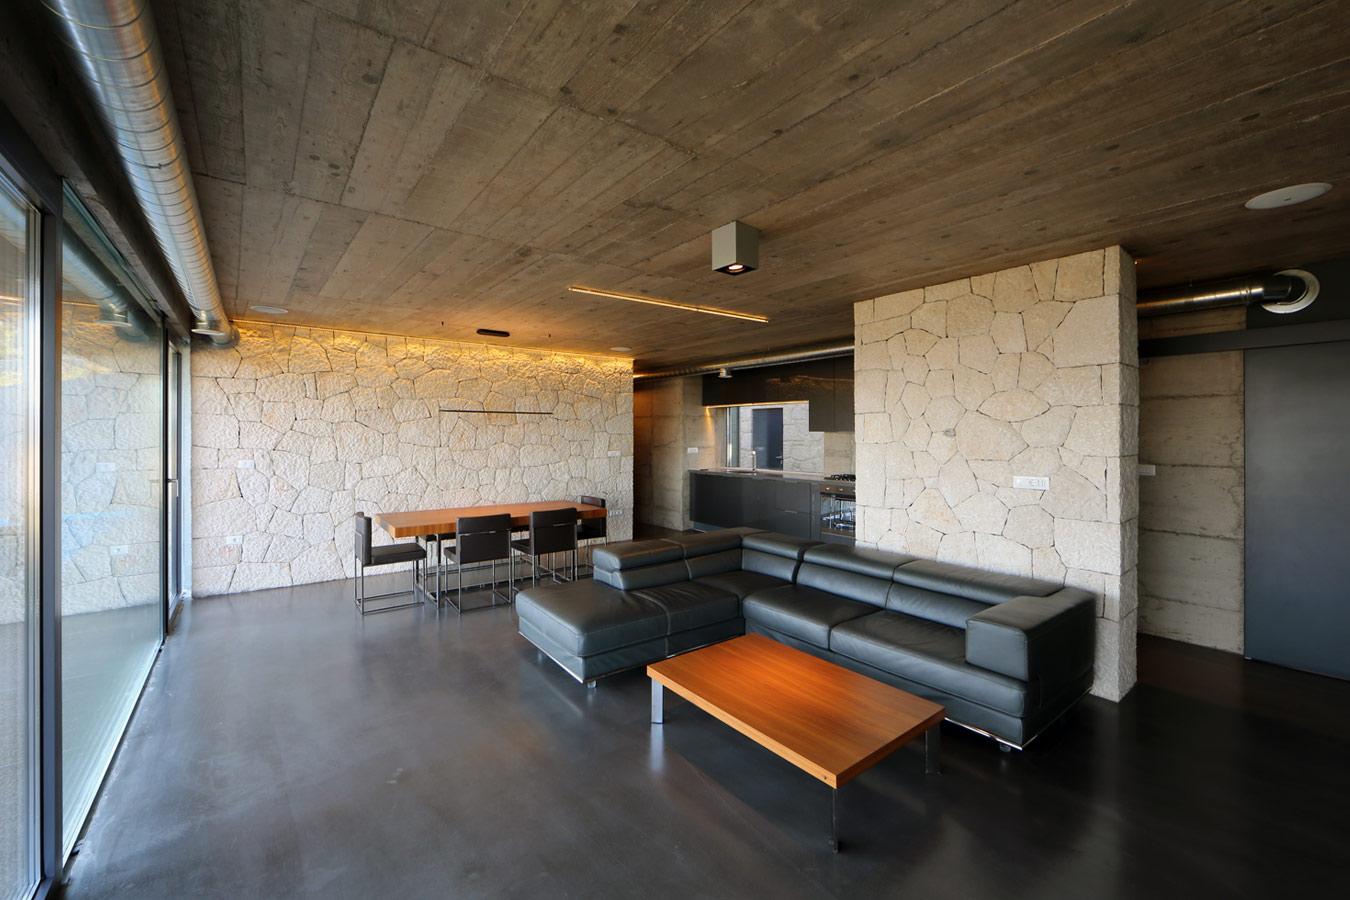 Idee n voor een moderne woonkamer inspiratie - Moderne keuken en woonkamer ...